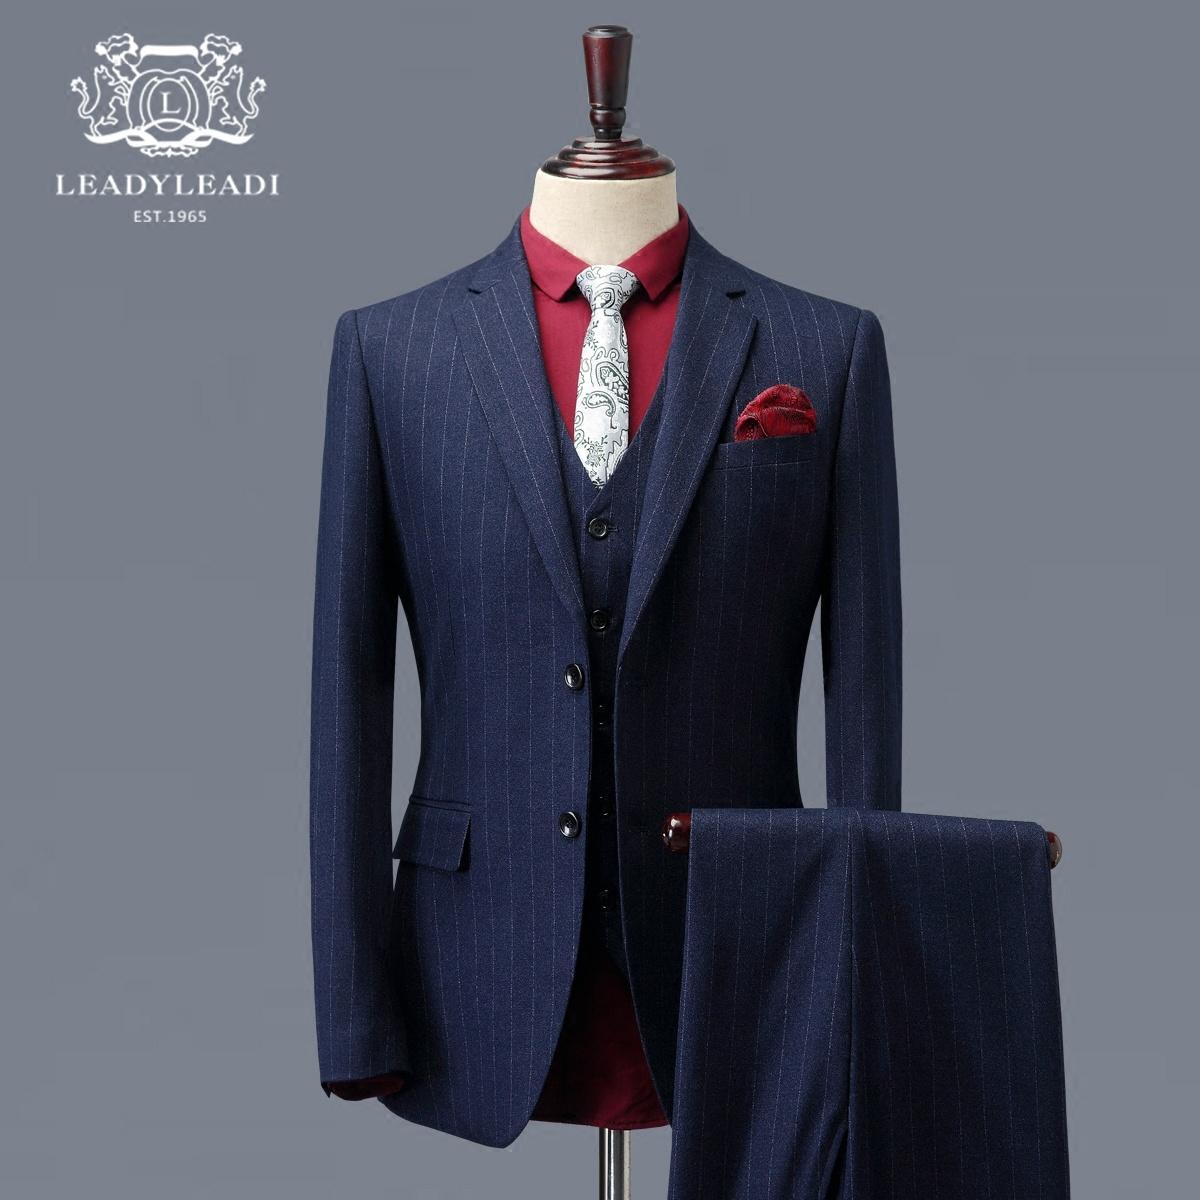 西服套装男士正装韩版修身定制商务西装三件套英伦风新郎结婚礼服